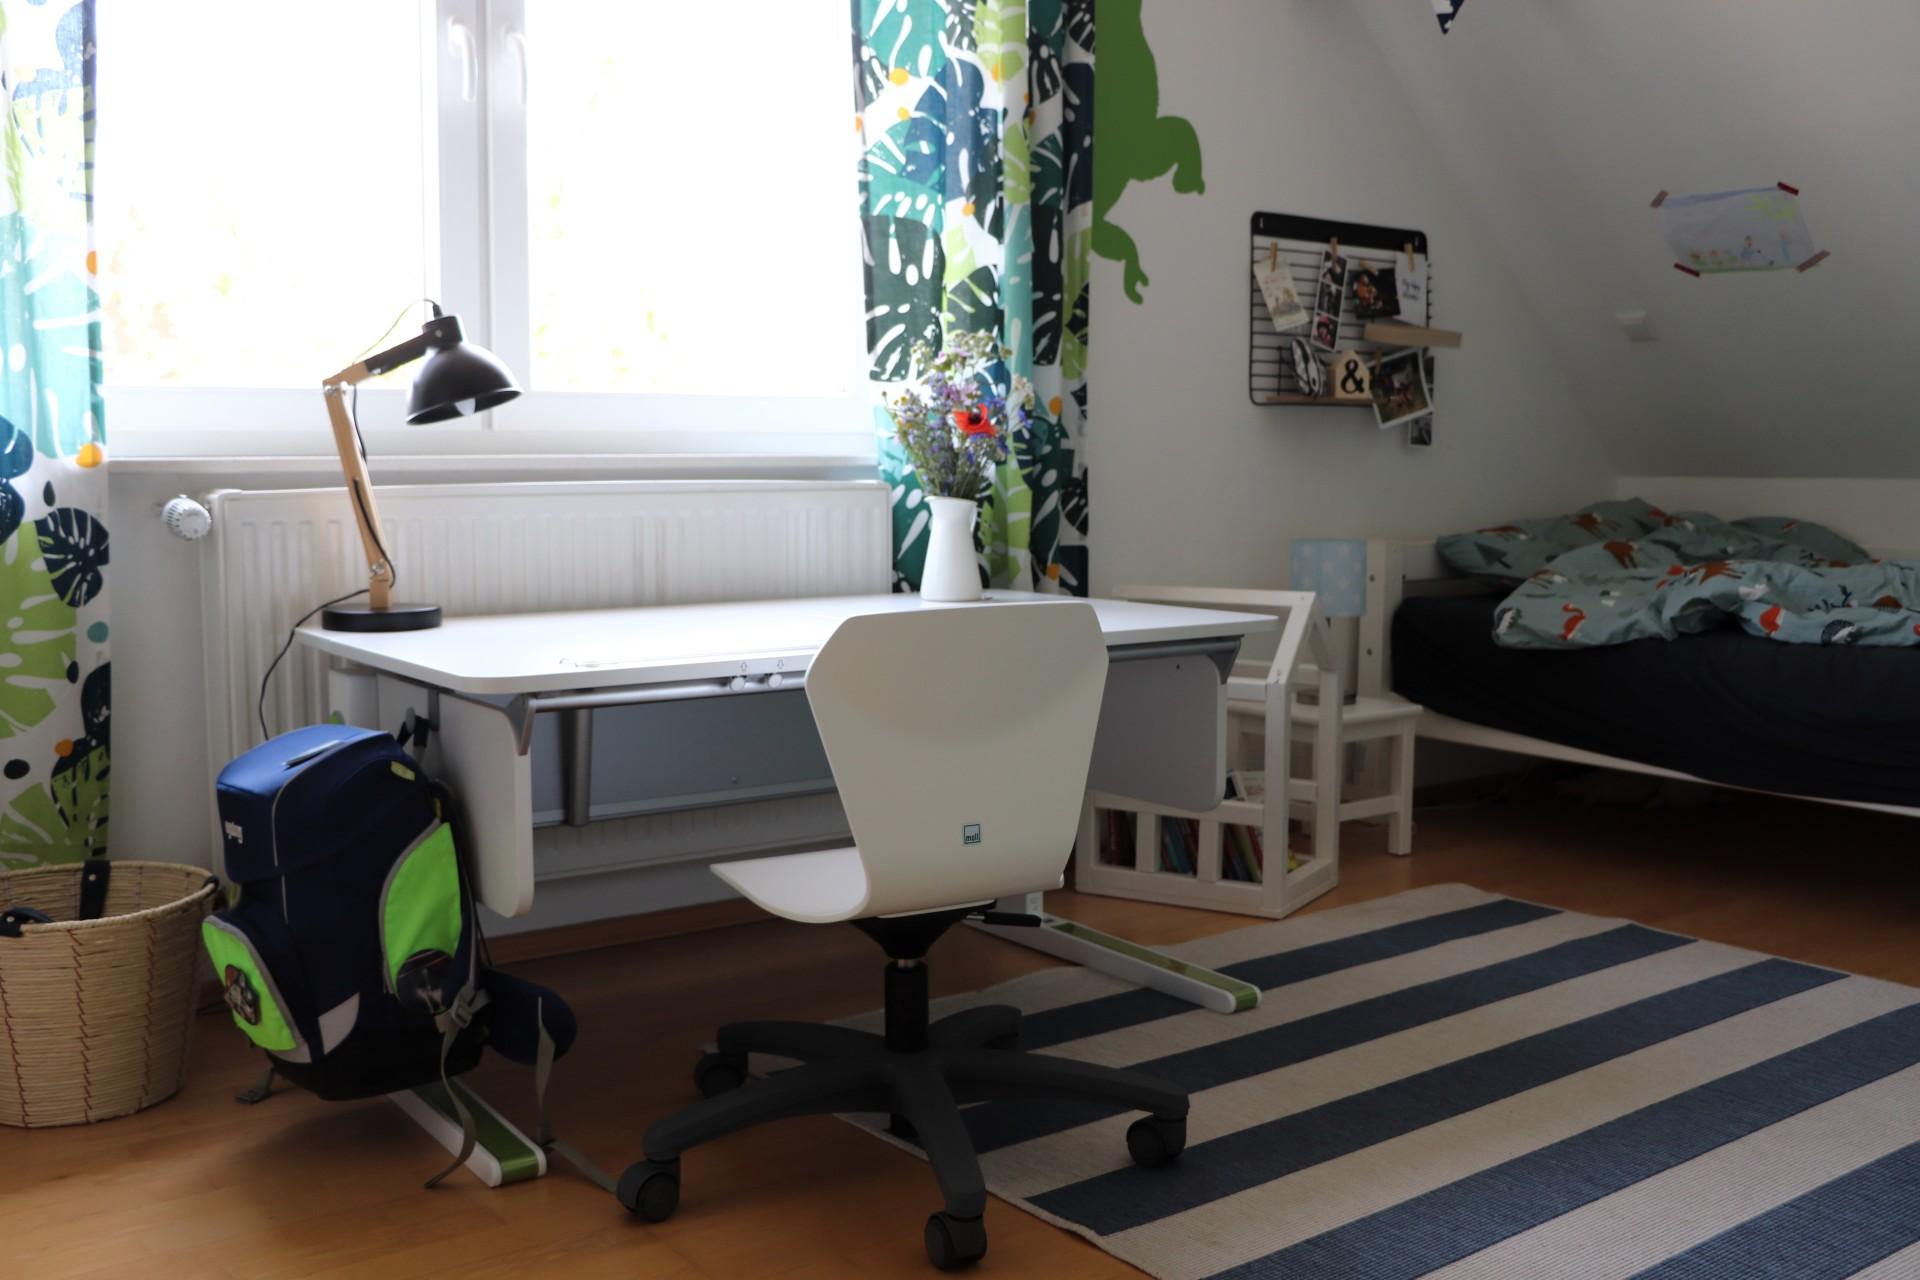 Full Size of Kinderzimmer Einrichten Junge Schulkind Lavendelblog Regal Kleine Küche Weiß Sofa Badezimmer Regale Kinderzimmer Kinderzimmer Einrichten Junge